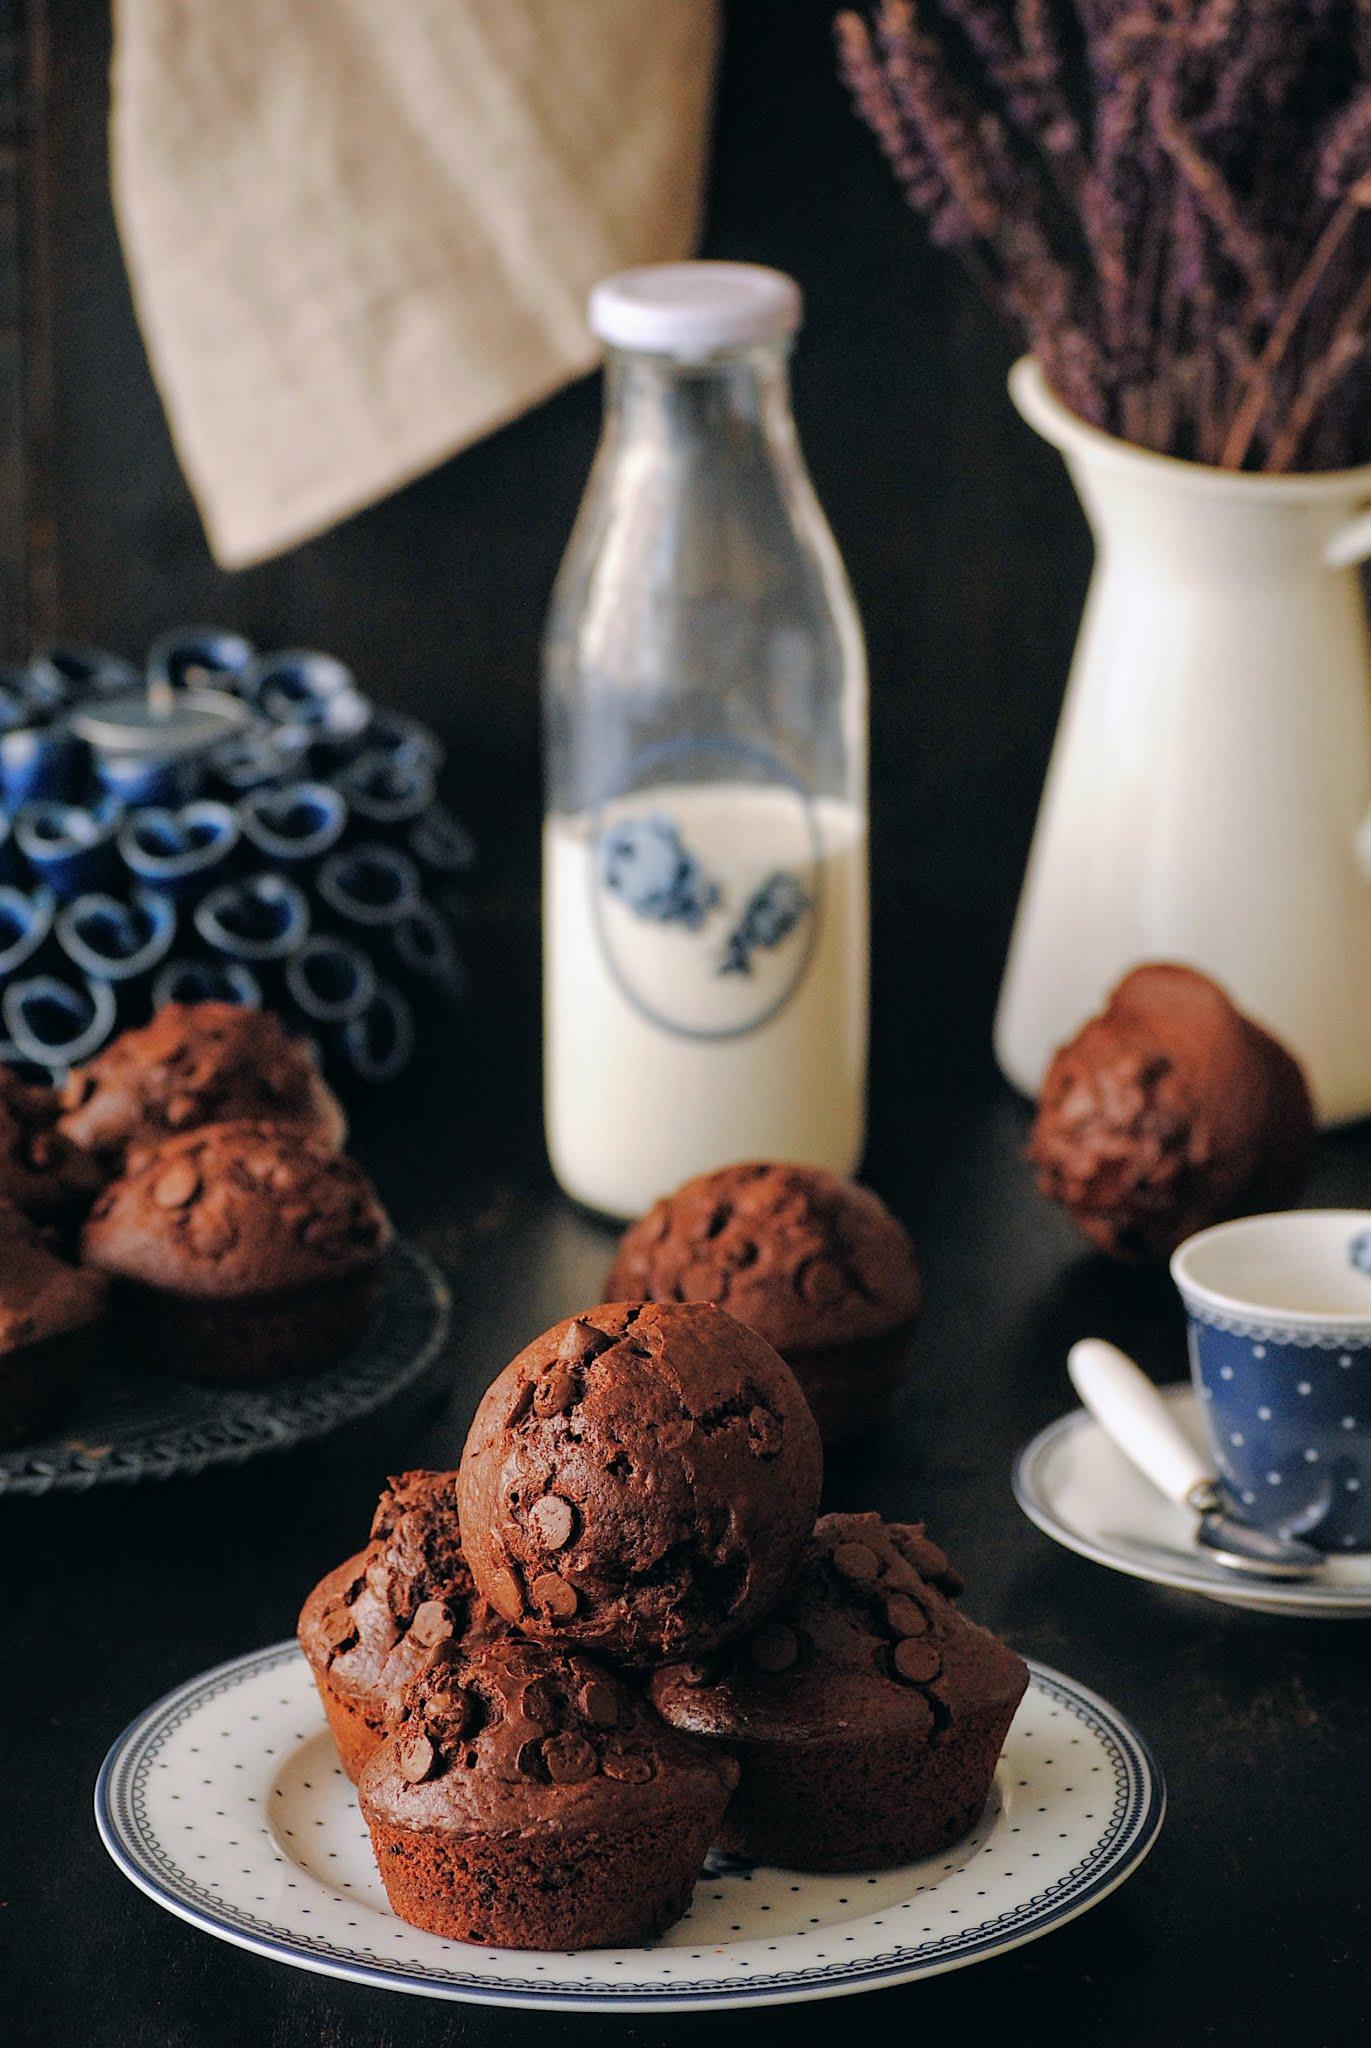 Muffins Starbucks